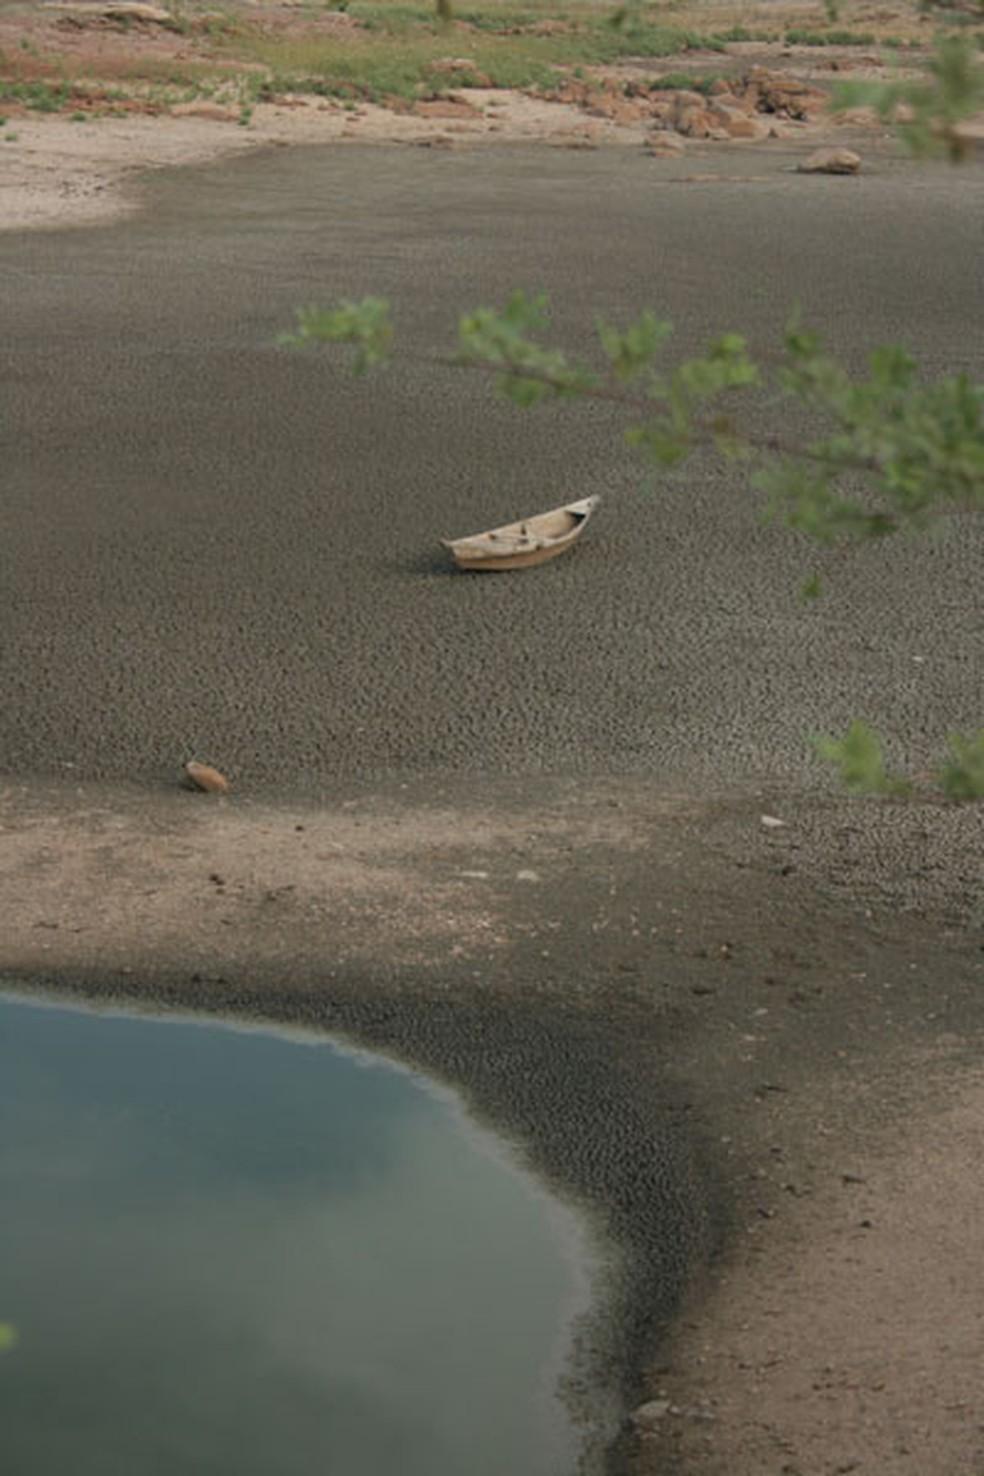 Açude seco na saída de Santana do Matos, RN. Arquivo (25/02/2013) (Foto: Rafael Barbosa/G1)